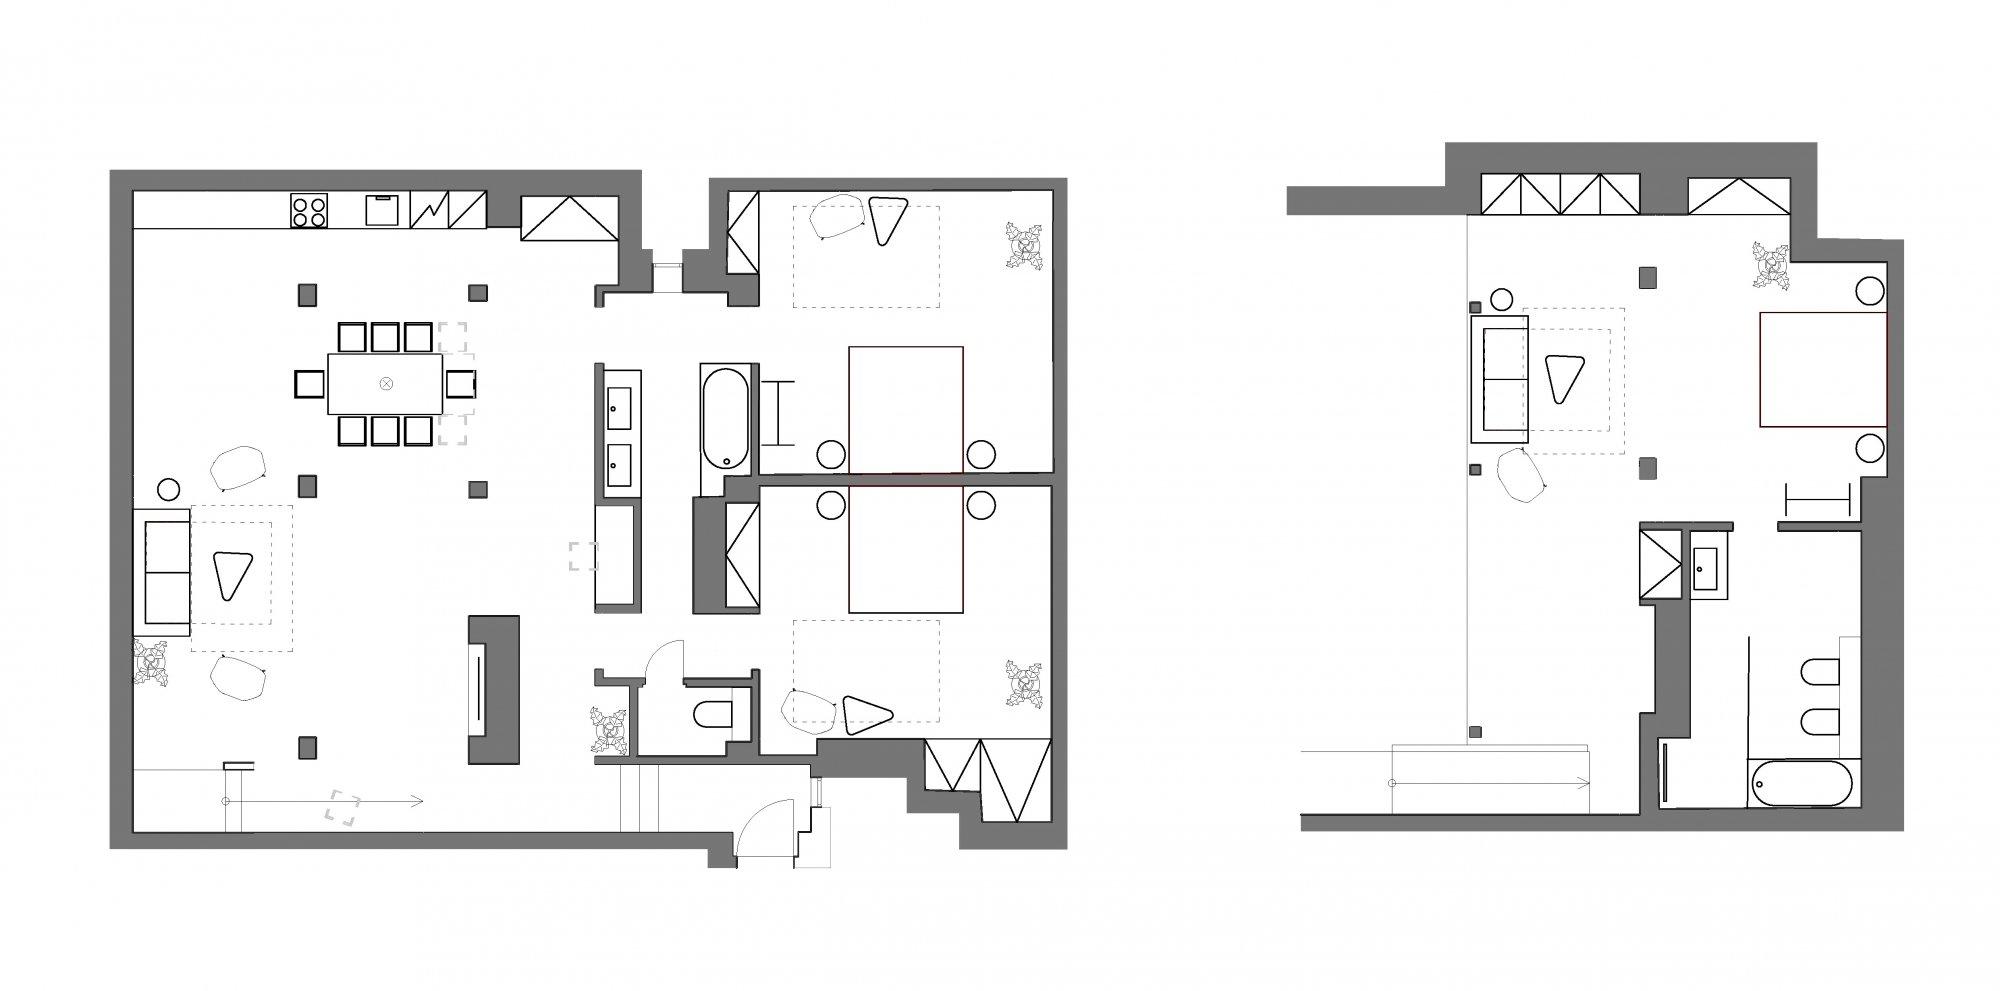 Půdorys - Půdní byt 4+kk, plocha 195 m², ulice Růžová, Praha 1 - Nové Město